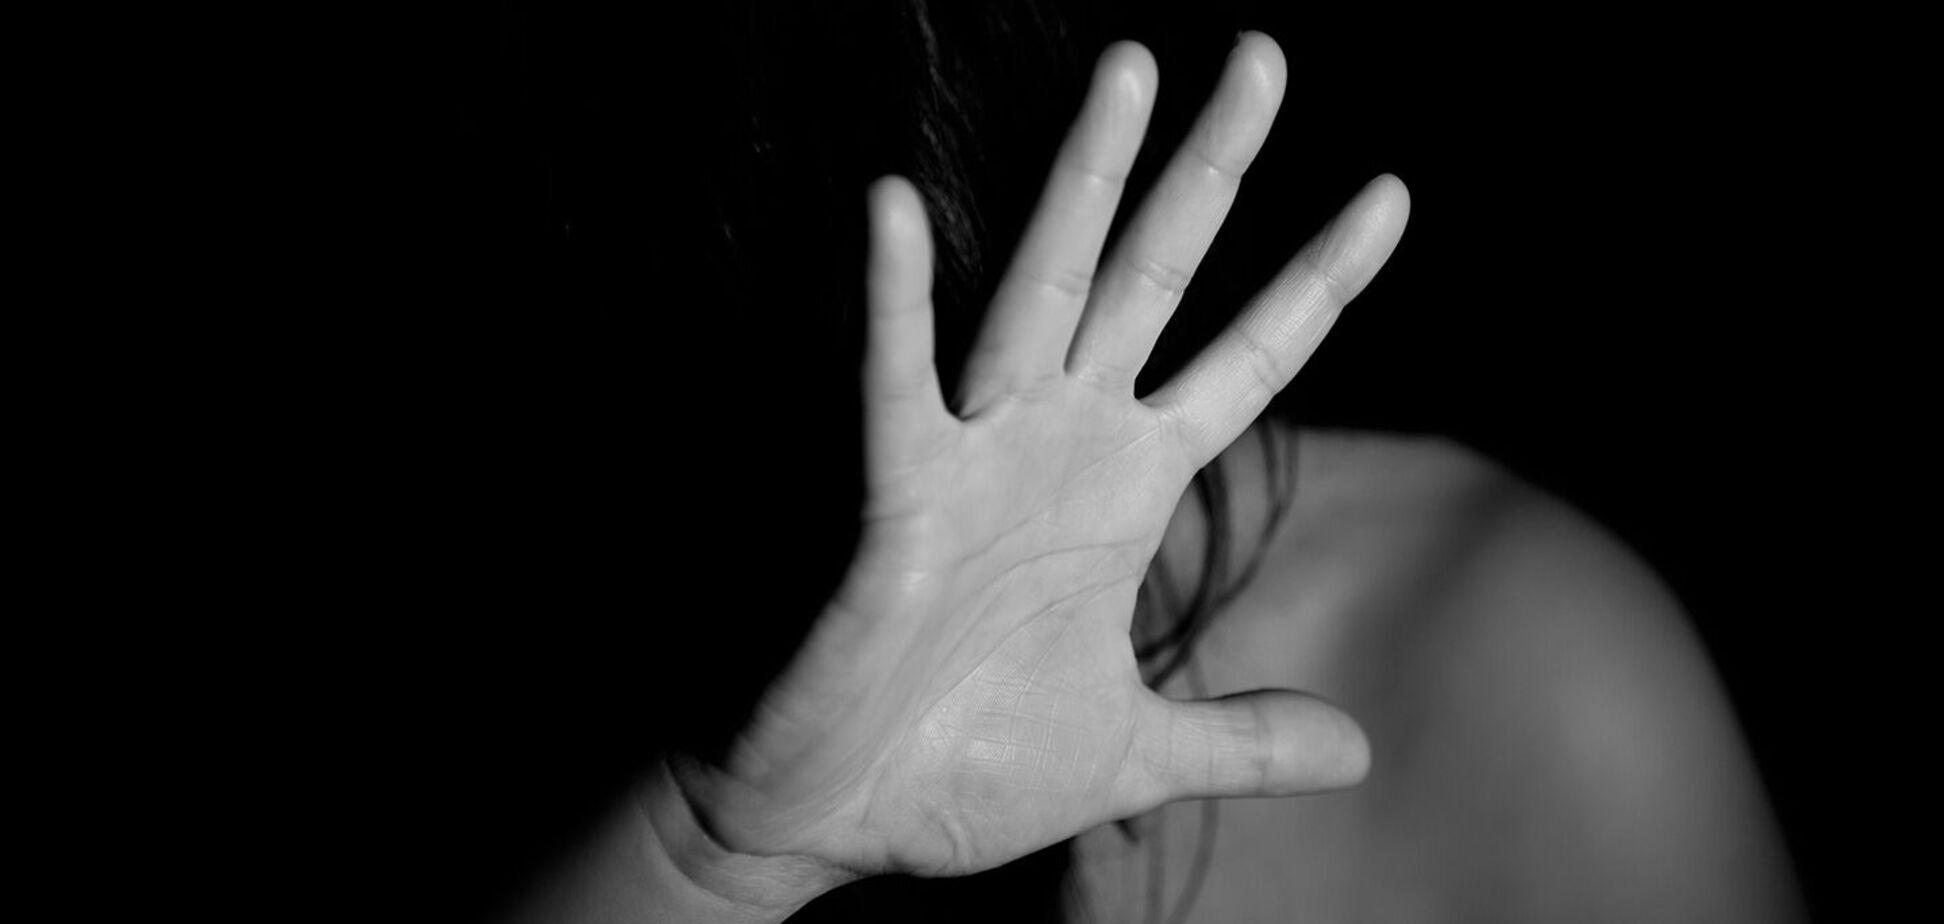 Українські зірки об'єдналися проти насильства над жінками: опубліковано зворушливе відео